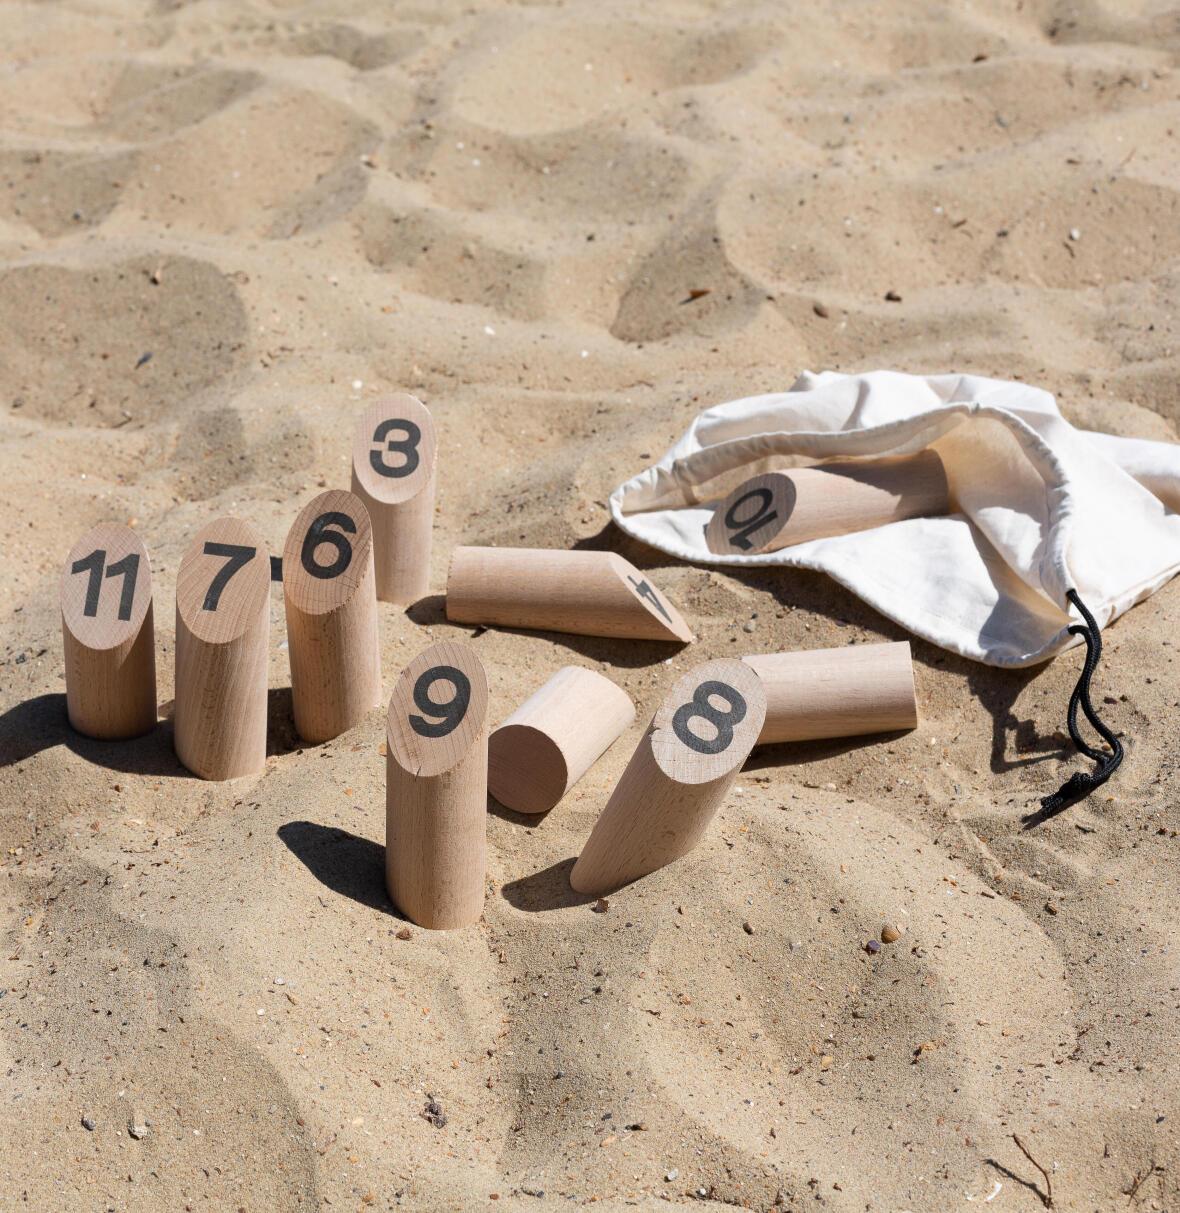 jeux-de-quilles-plage-sable